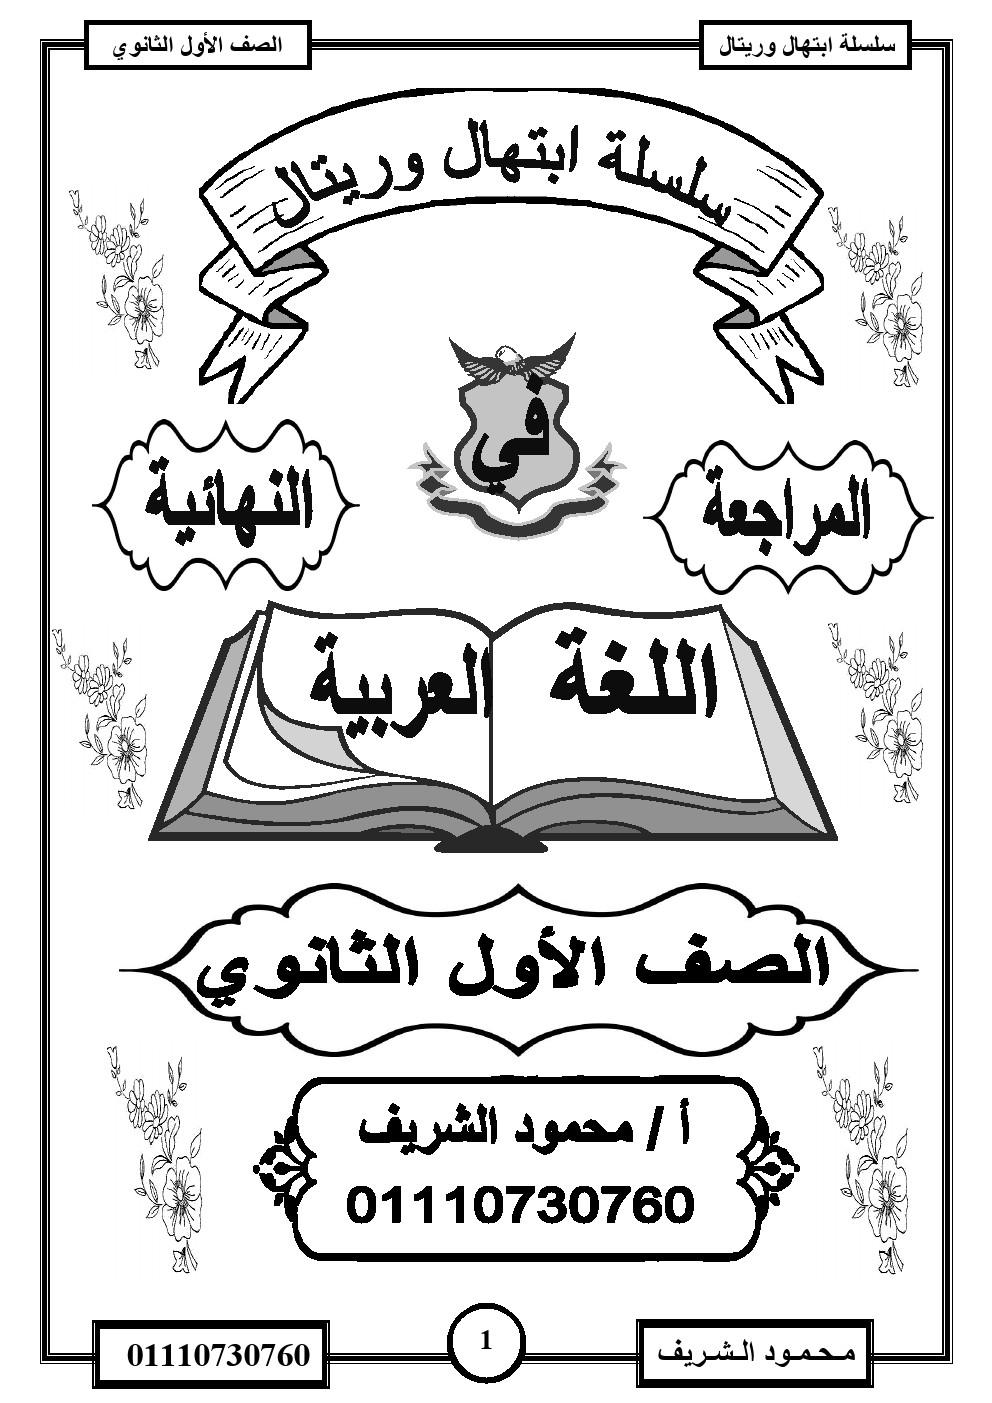 أروع مراجعة نهائية لغة عربية للصف الاول الثانوي ترم أول نظام جديد 2021